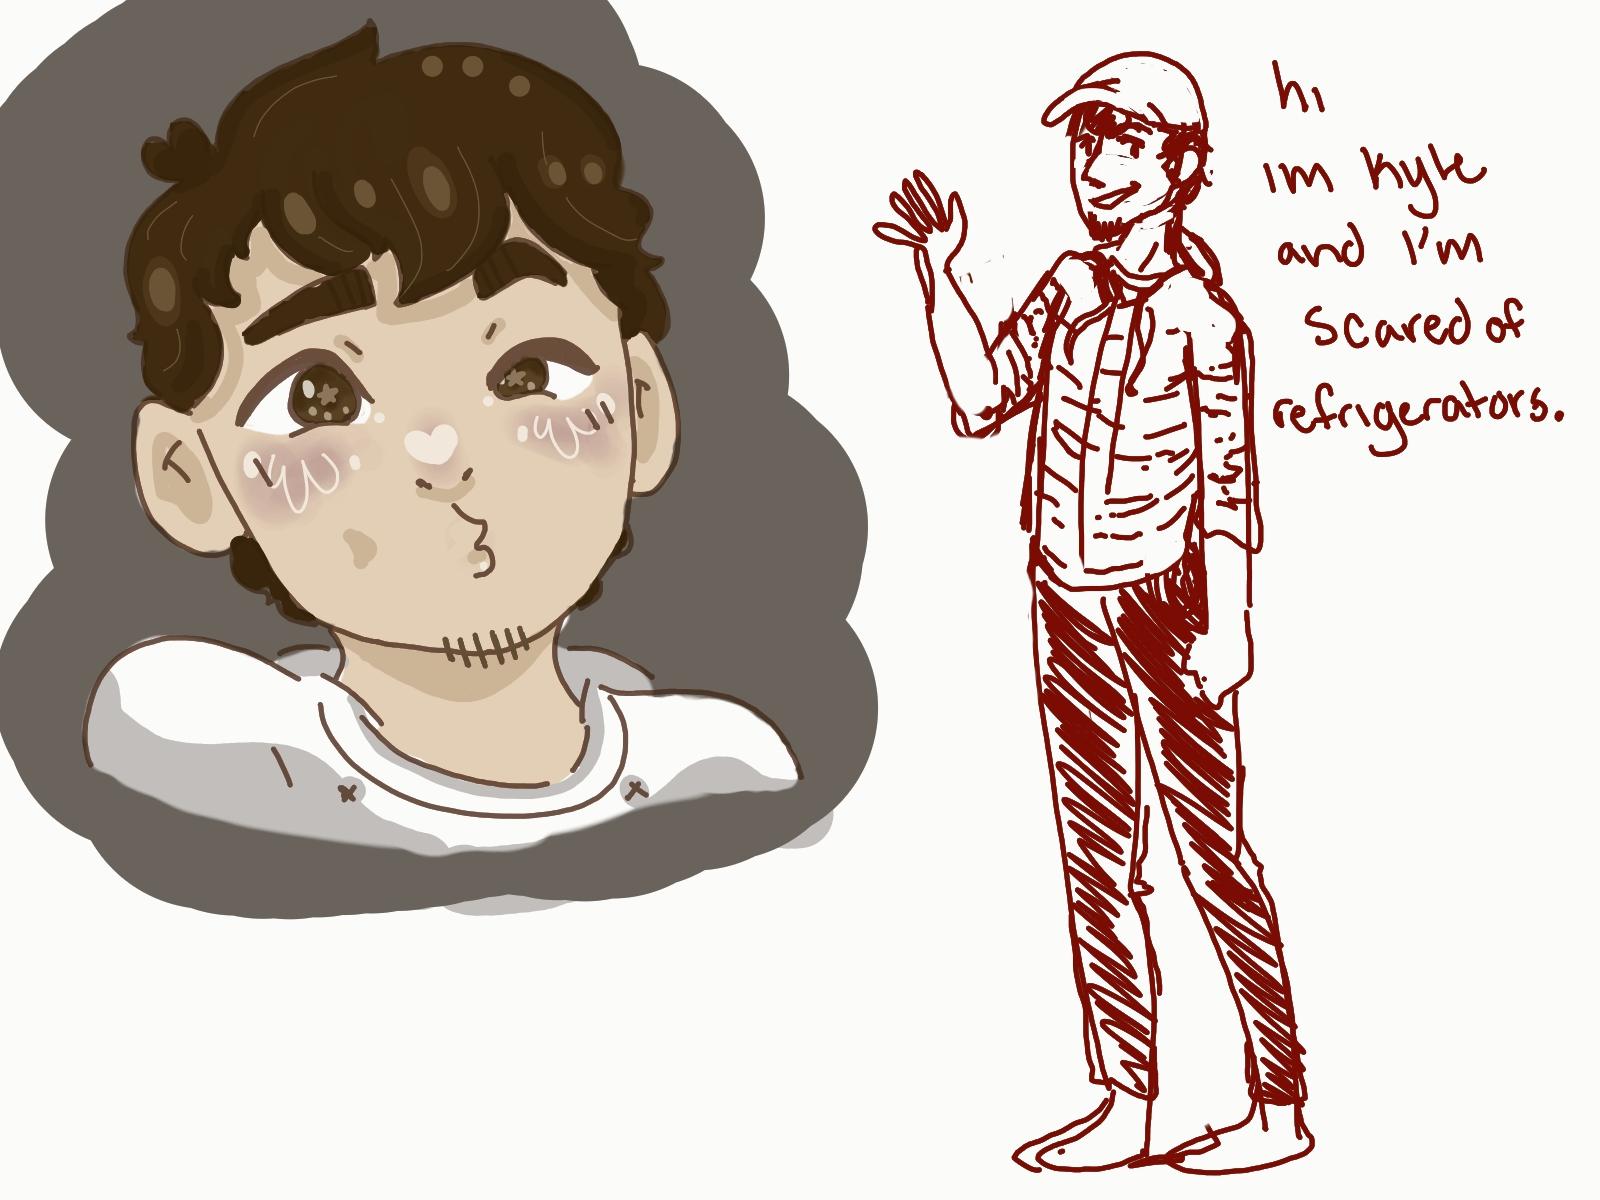 Kyle Drawing.jpg